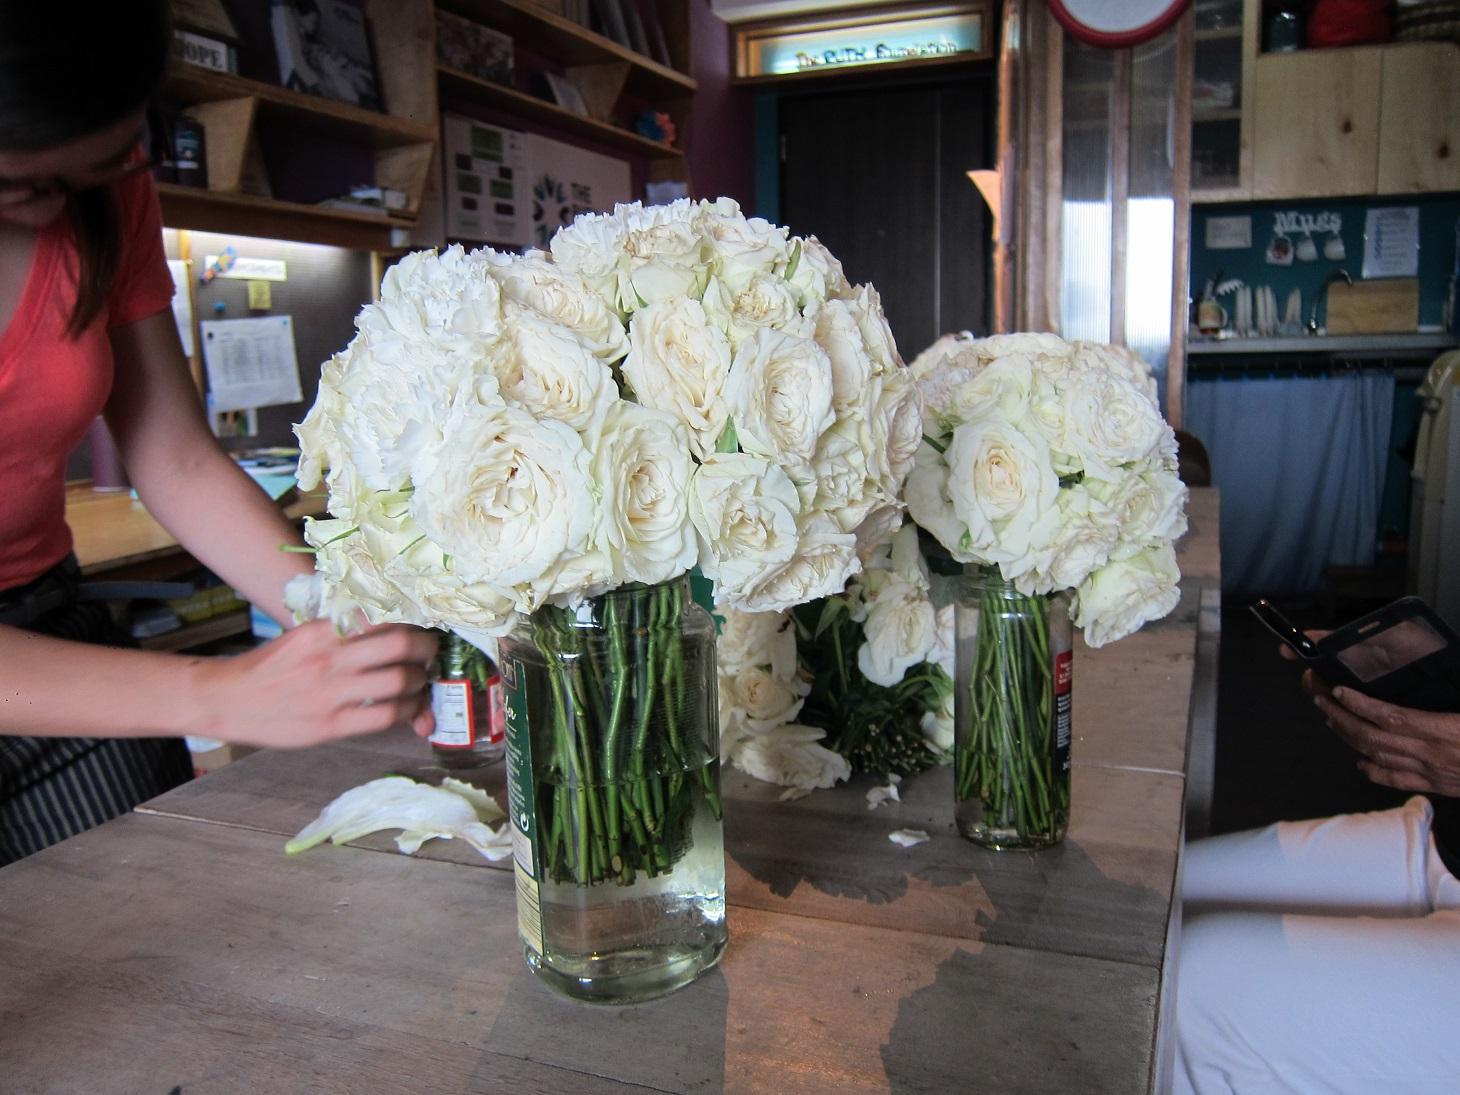 Flowers-for-HOPE-7.jpg